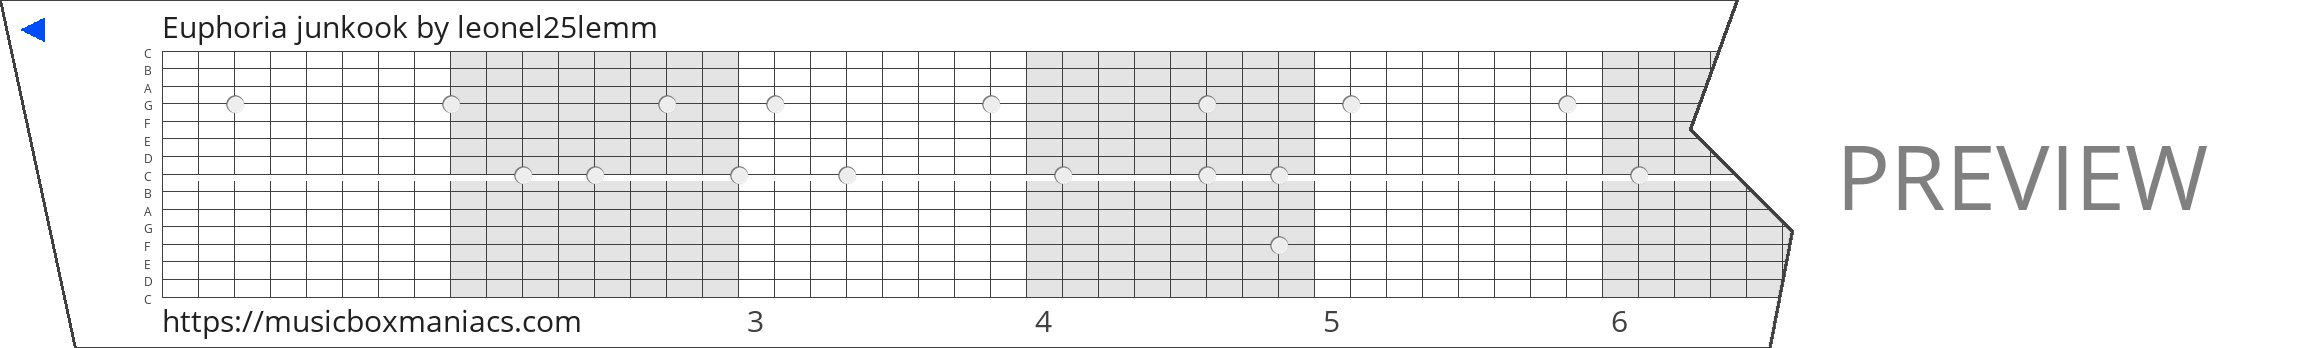 Euphoria junkook 15 note music box paper strip